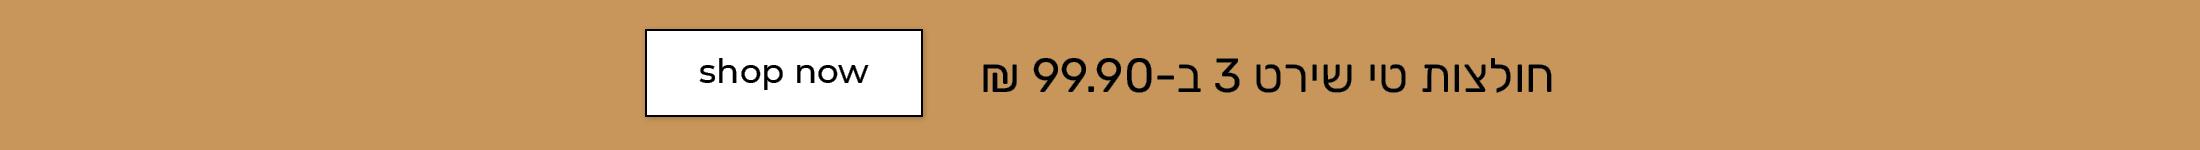 טי שירט 3 ב99.90